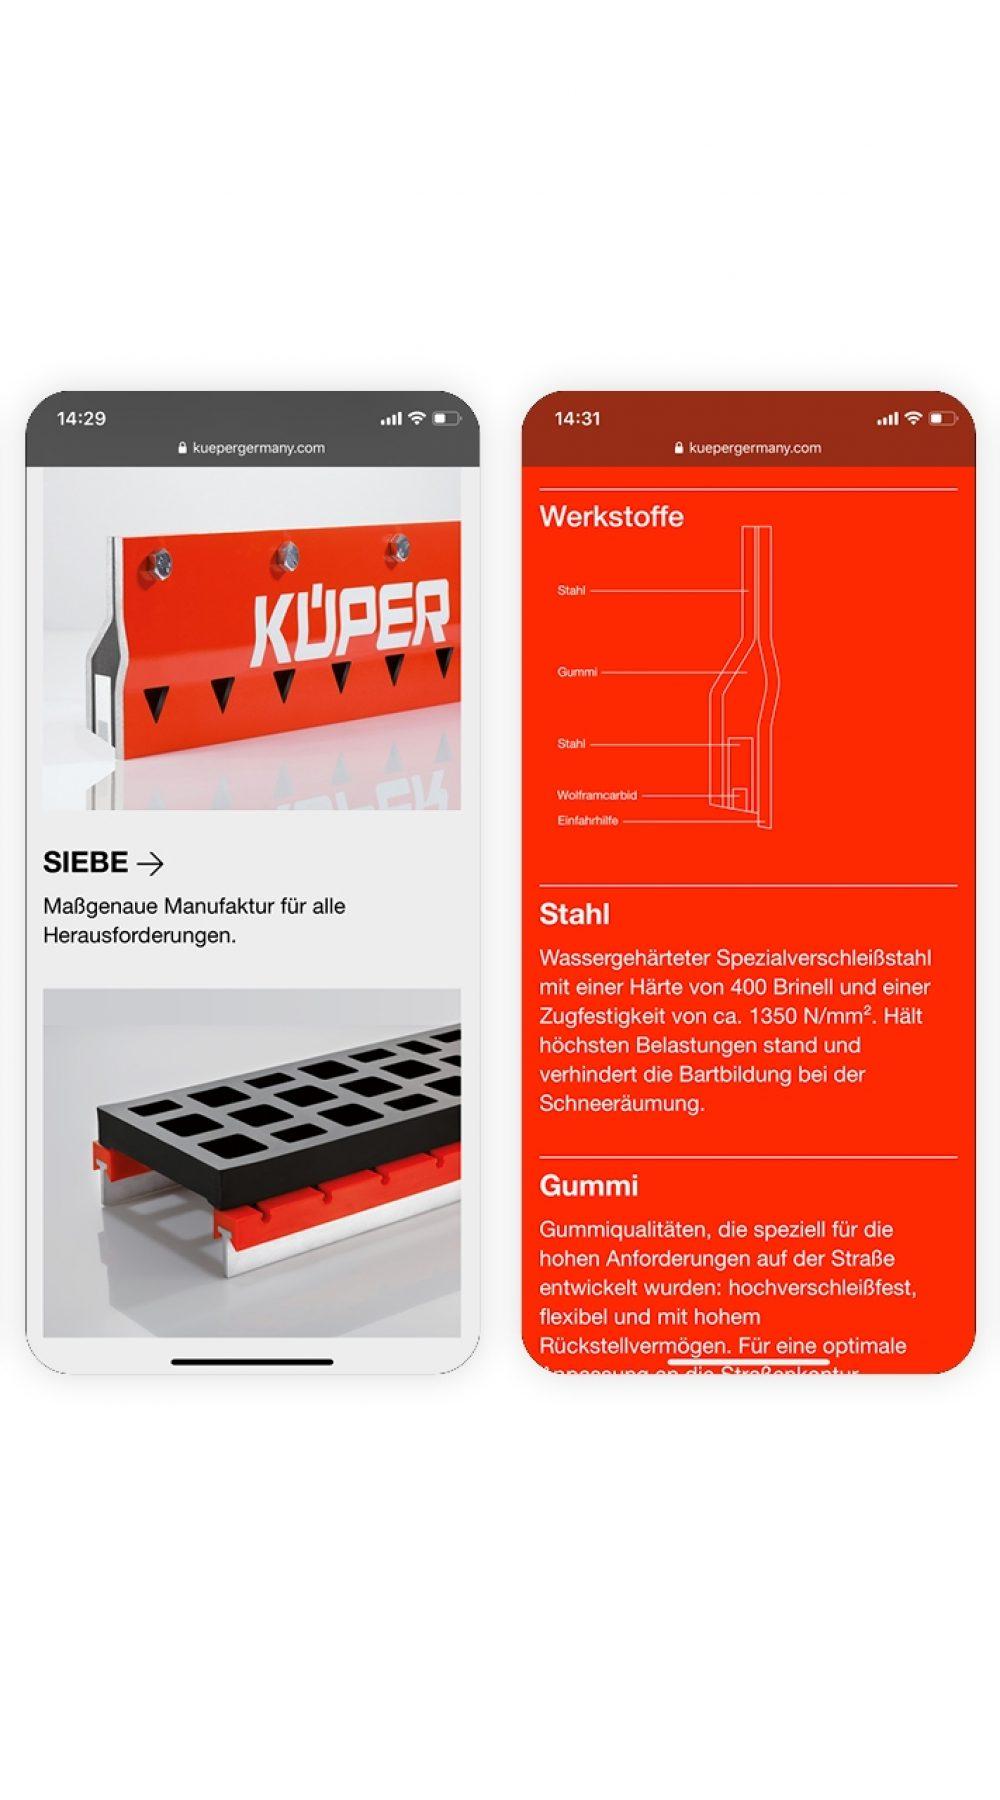 Kueper_Mobile_01_white